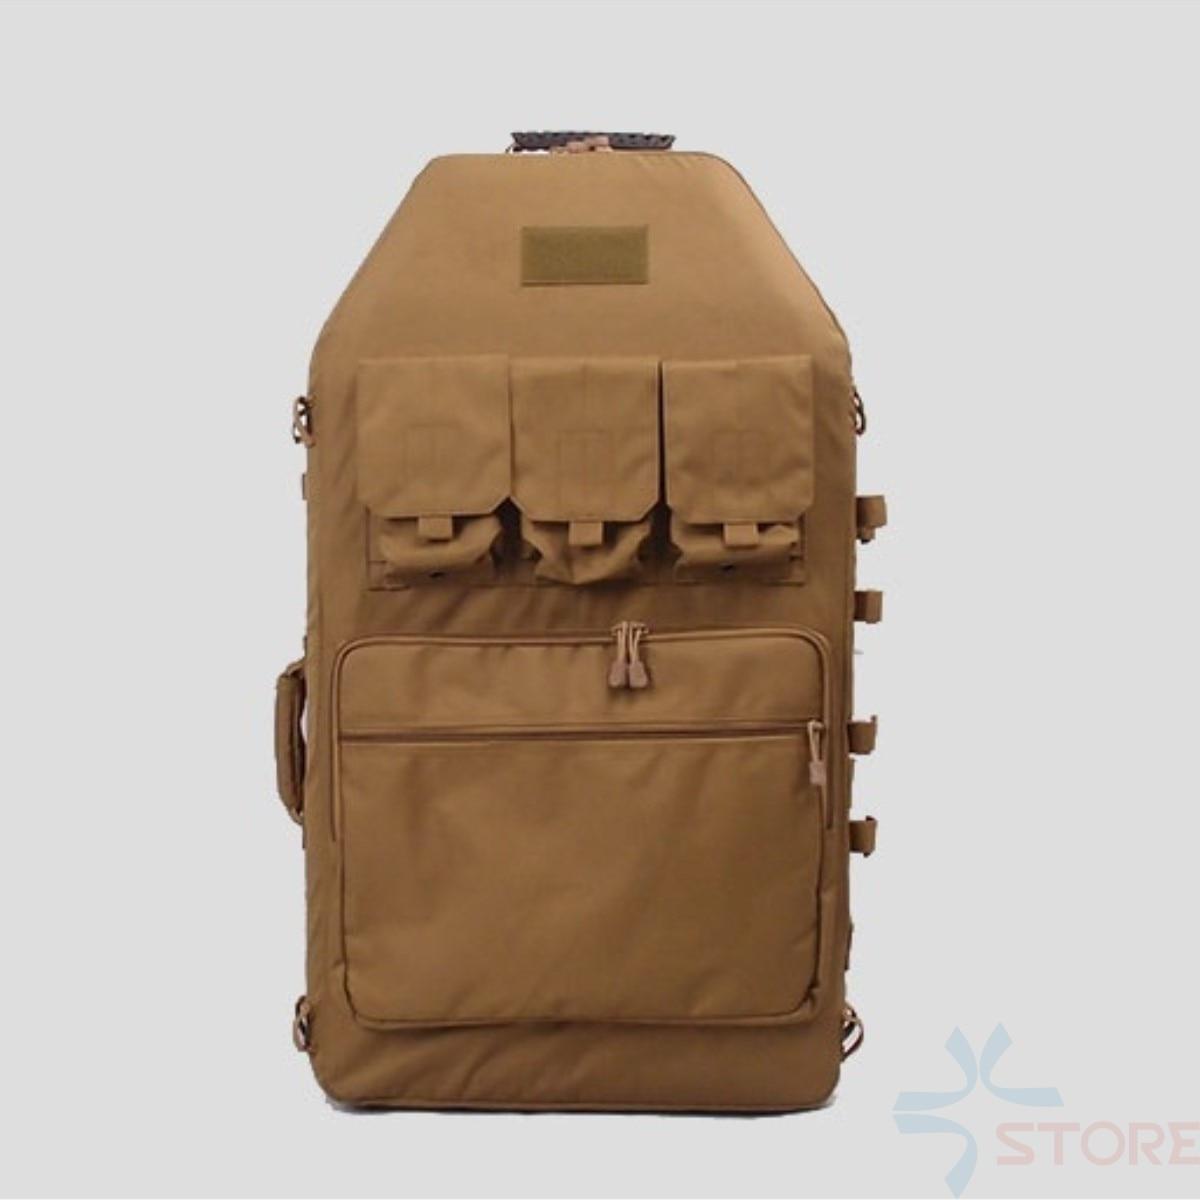 Skywalker Design Special Backpack for Skywalker X5 PRO Aerial UAV backpack bag easy carry case for yuneec q500 4k q500 typhoon uav special customize quadcopter for aerial drones nylon shoulder